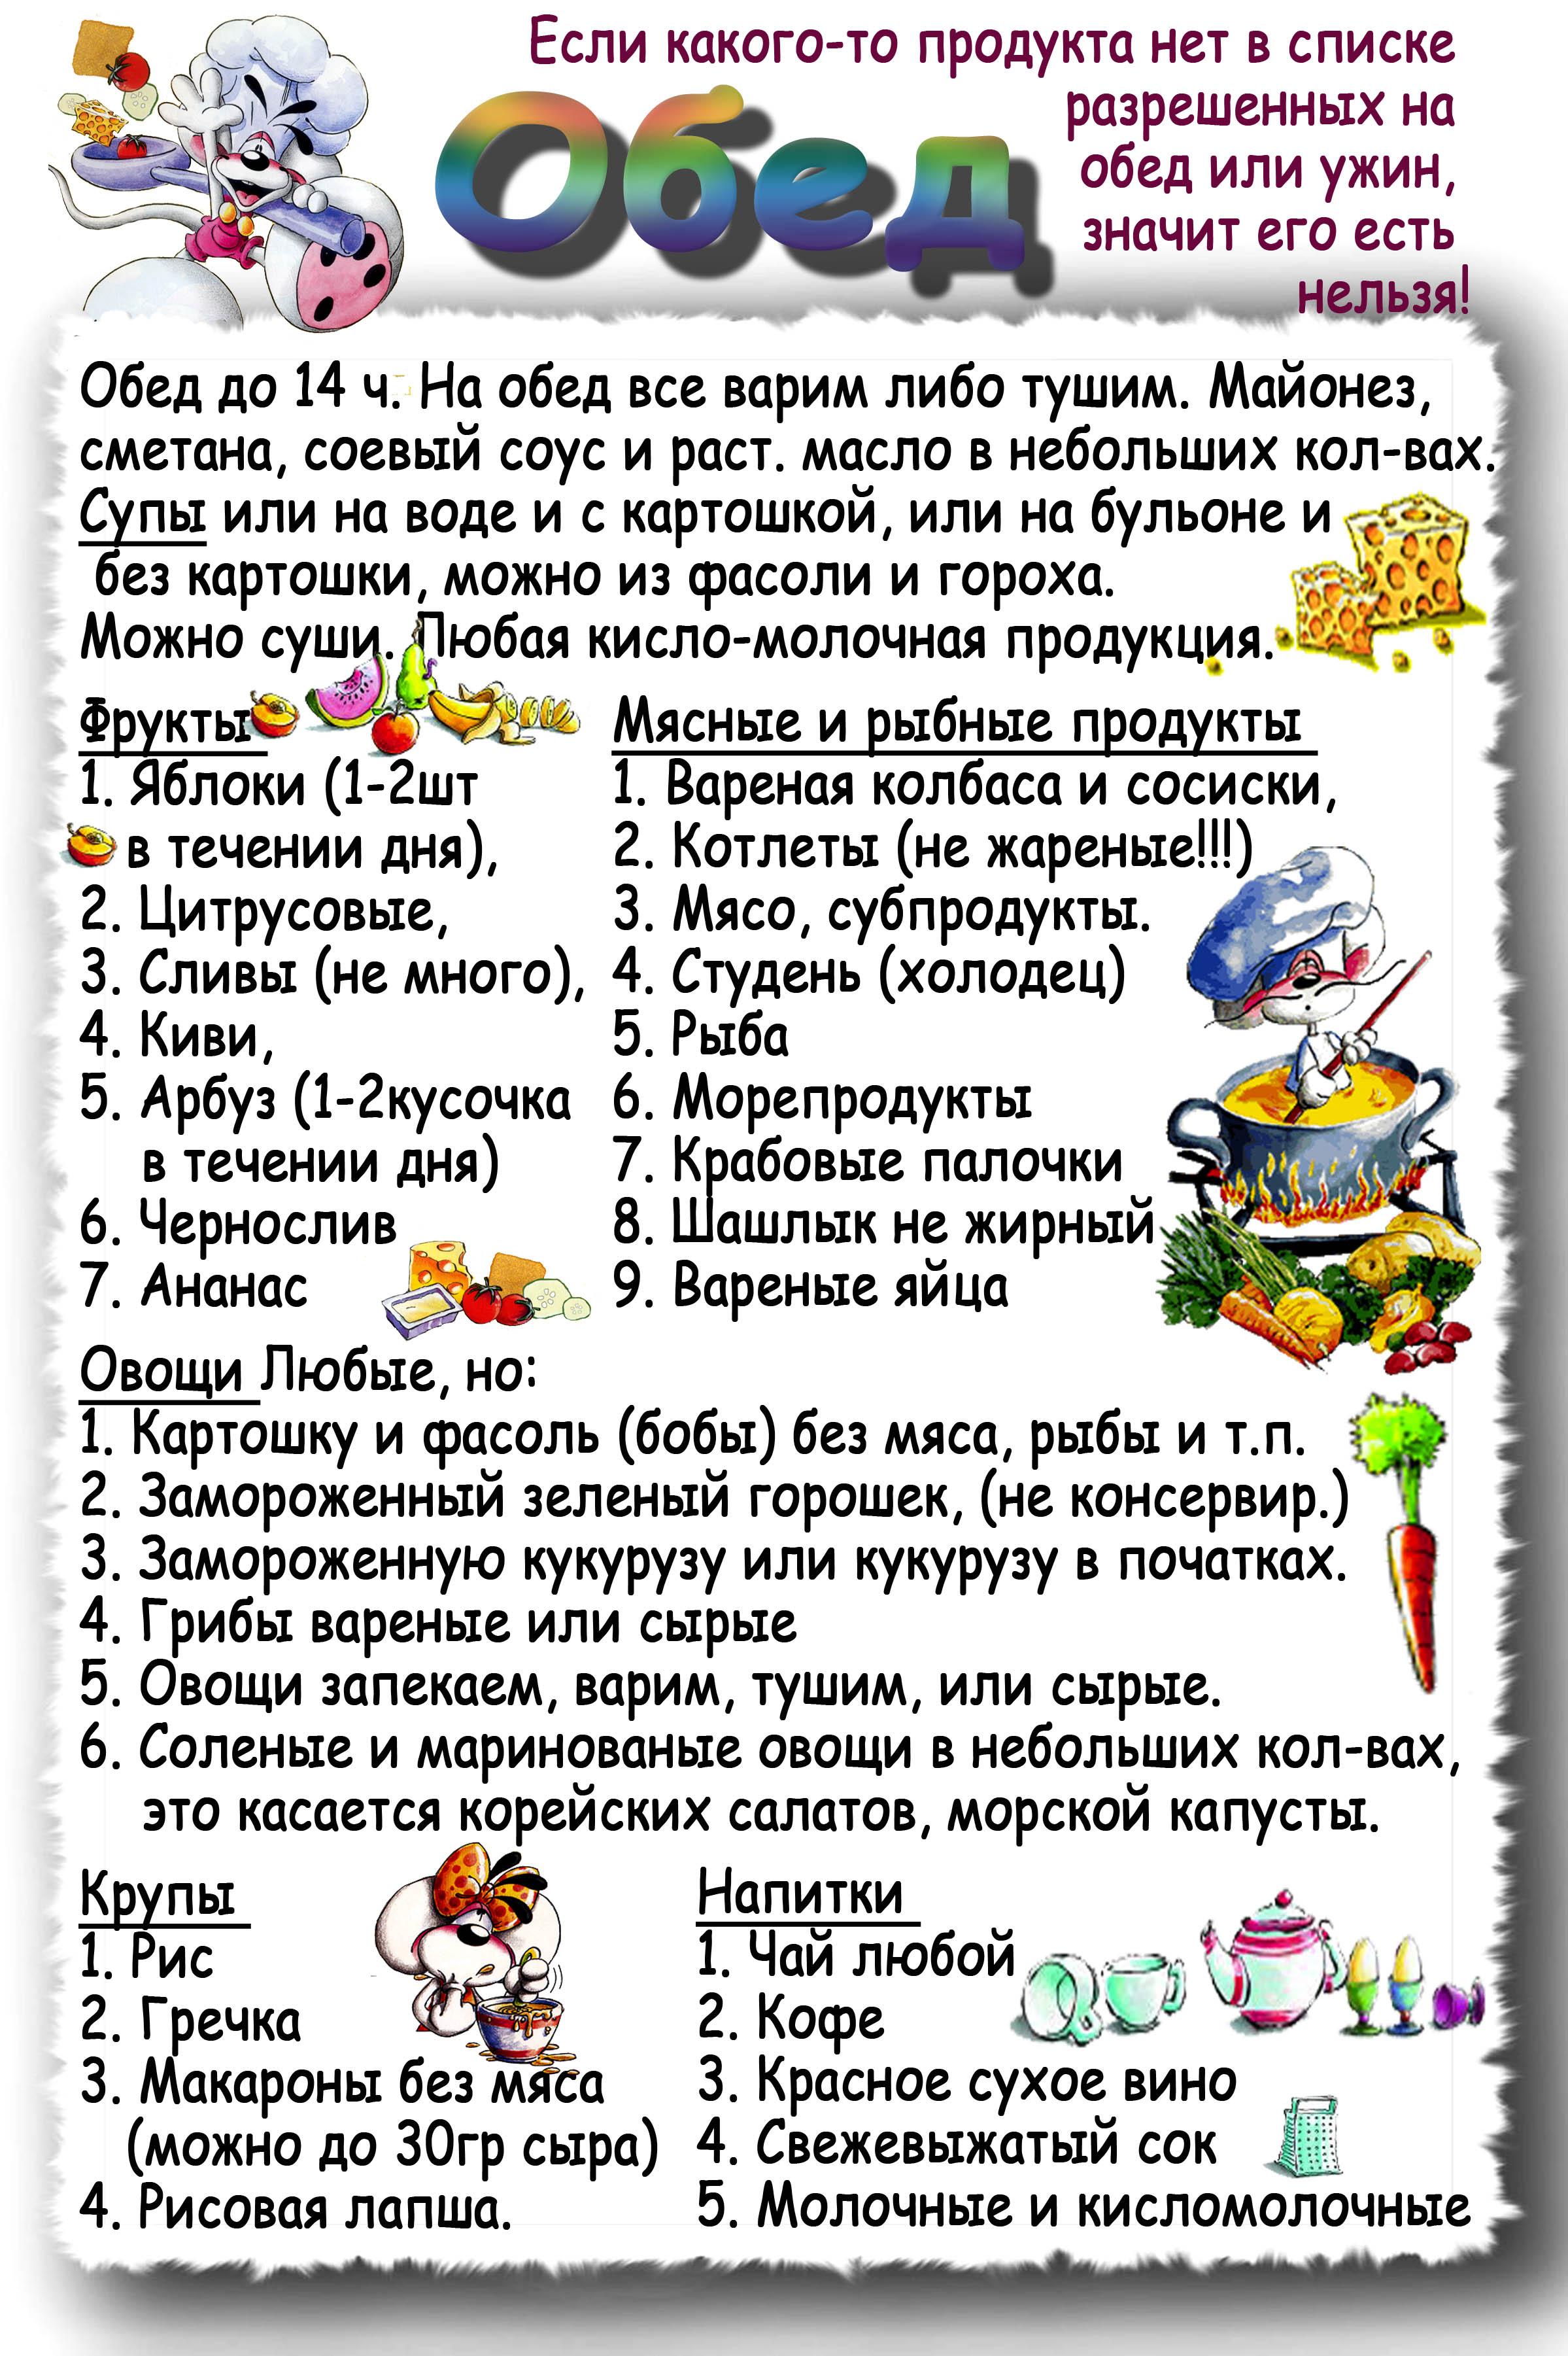 Список разрешенных продуктов по системе минус 60 | завтрак, обед.